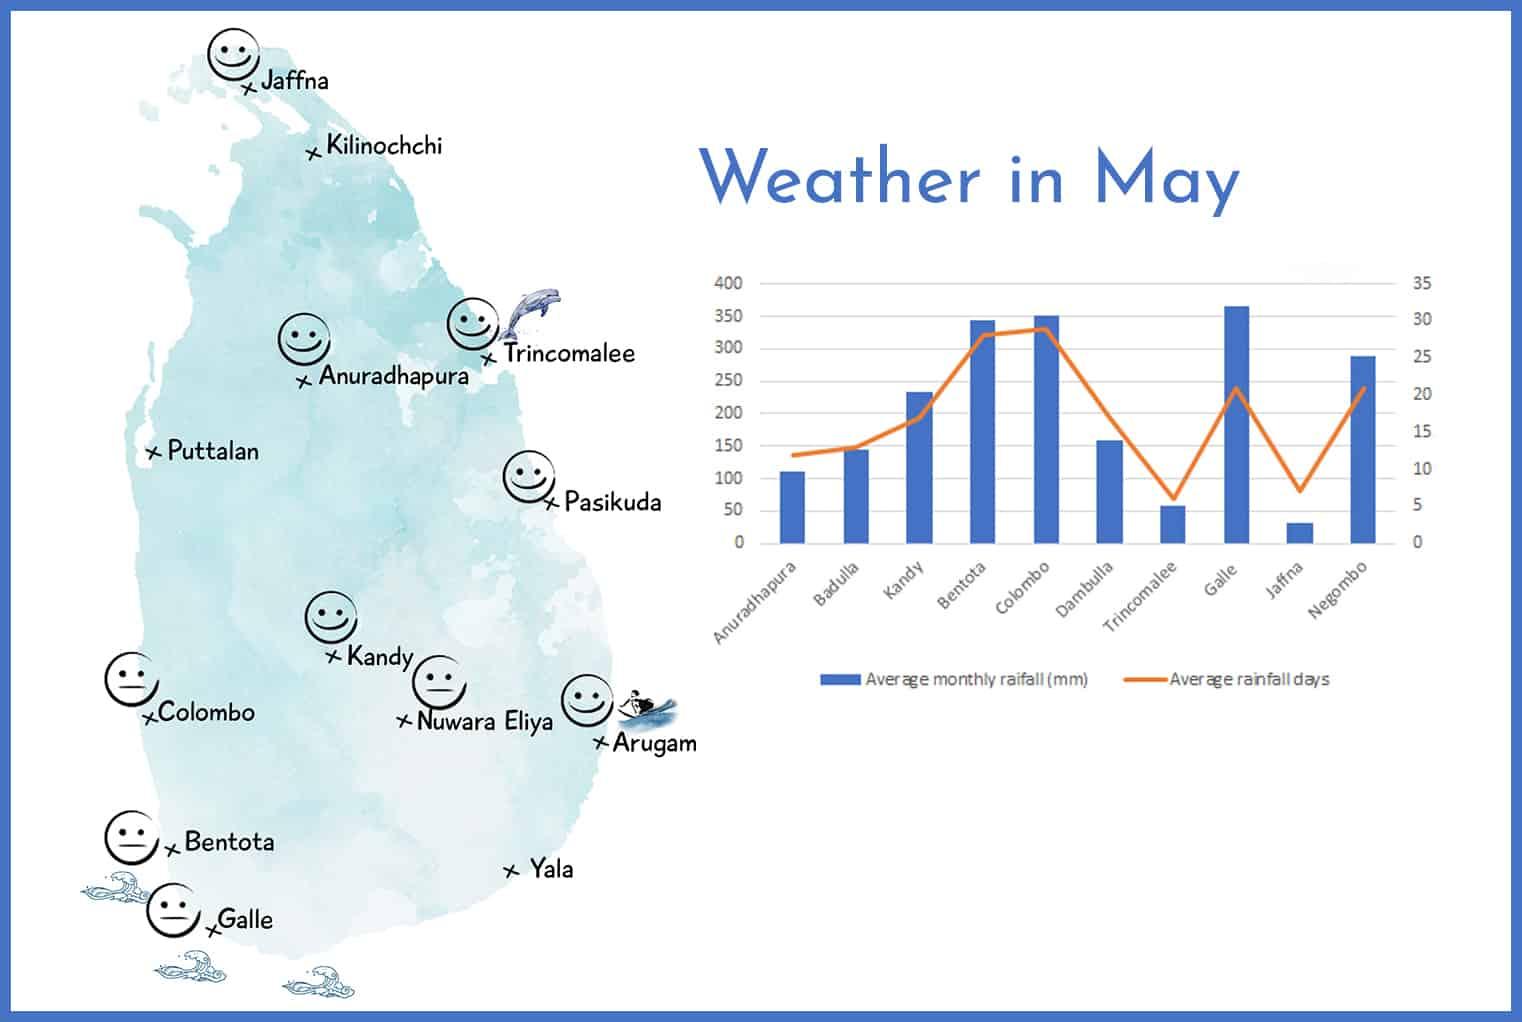 Weather in Sri Lanka in May